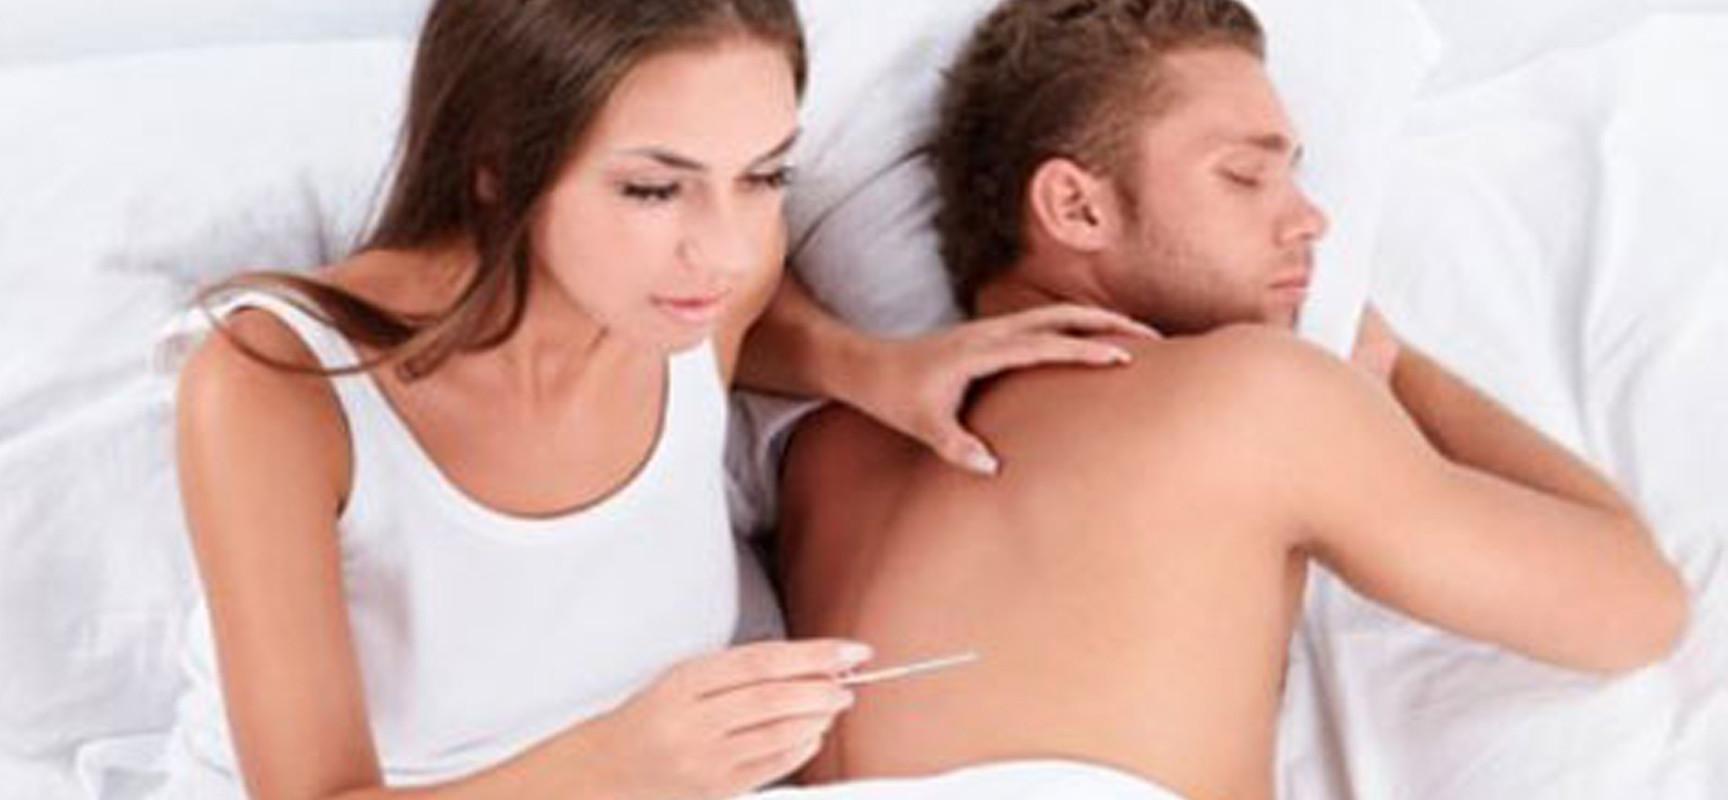 Оценка женщинами фертильного возраста проблем репродуктивного здоровья